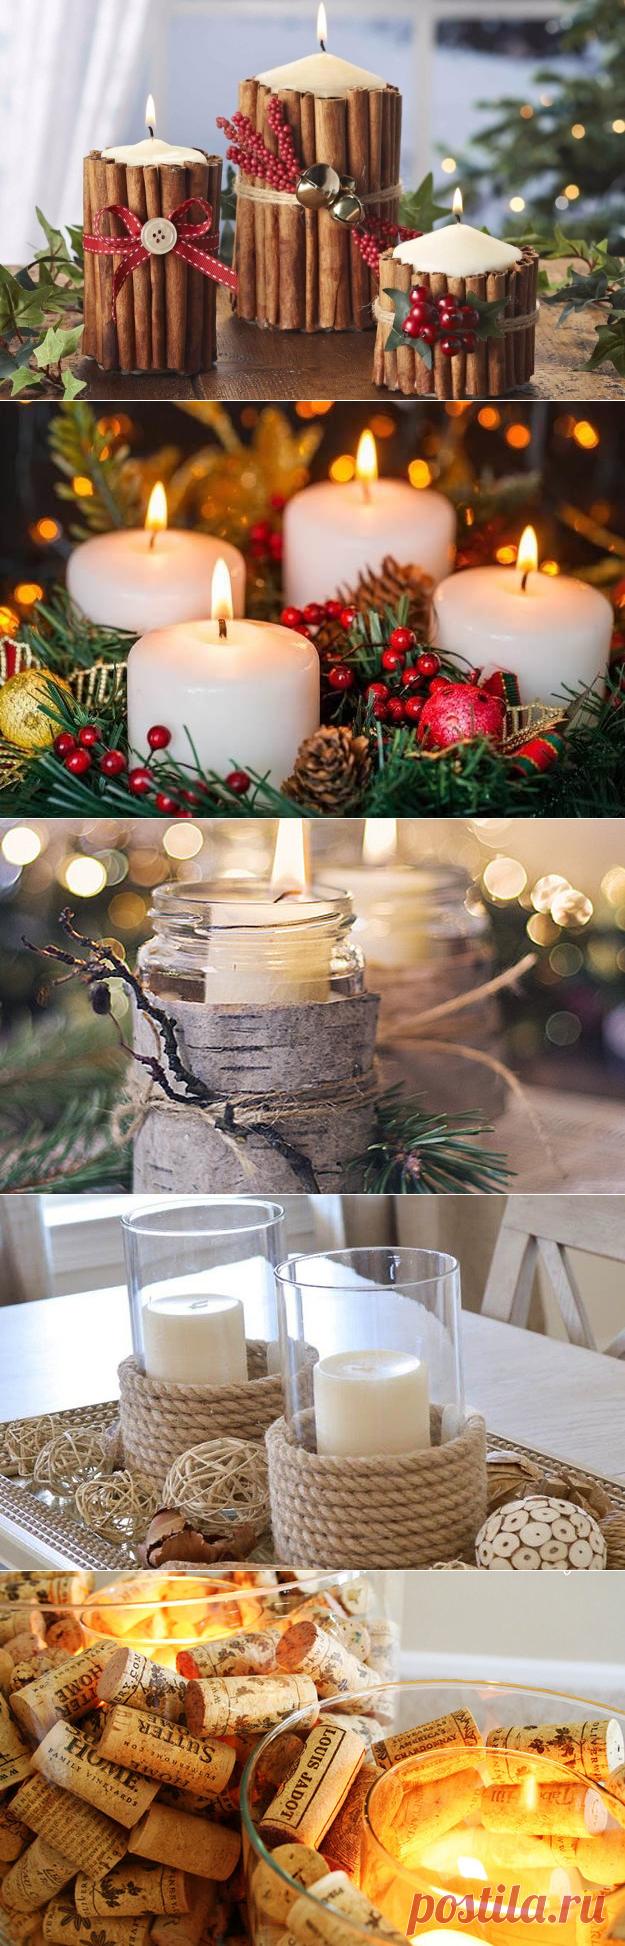 Оформляем новогодний стол: 7 оригинальных идей праздничный свечей - KitchenMag.ru